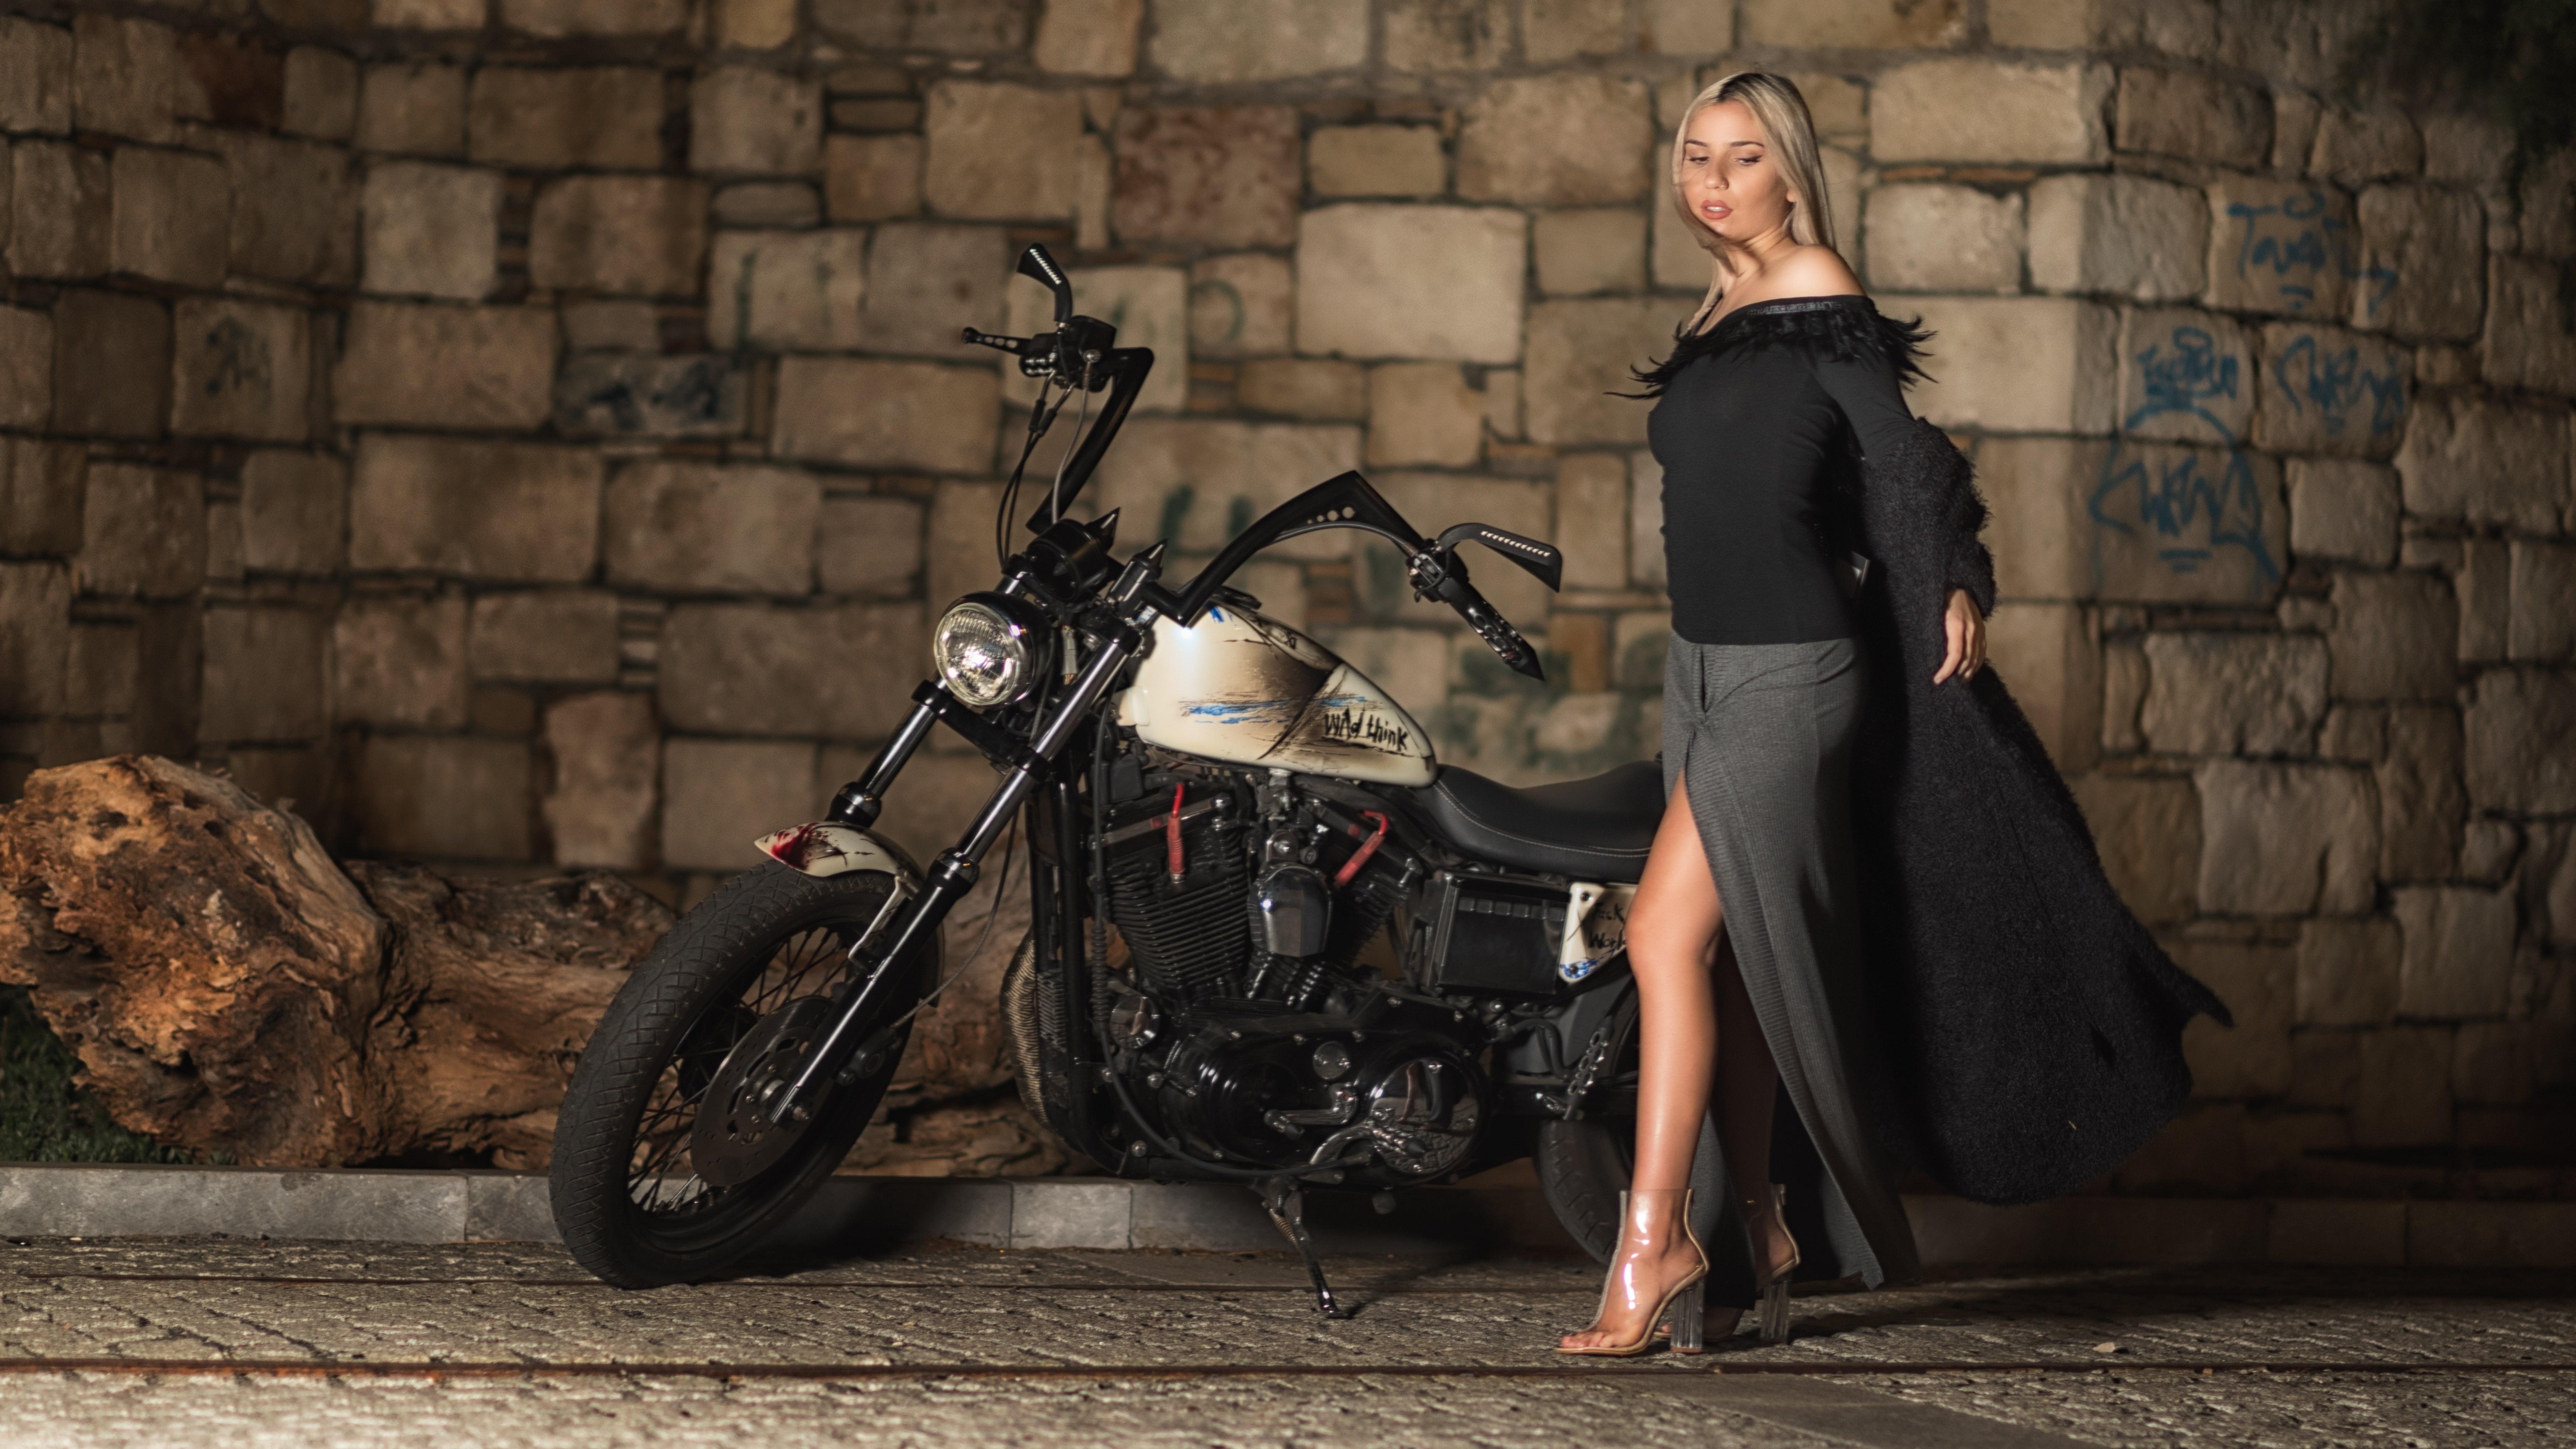 bike-dress-fashion-804899